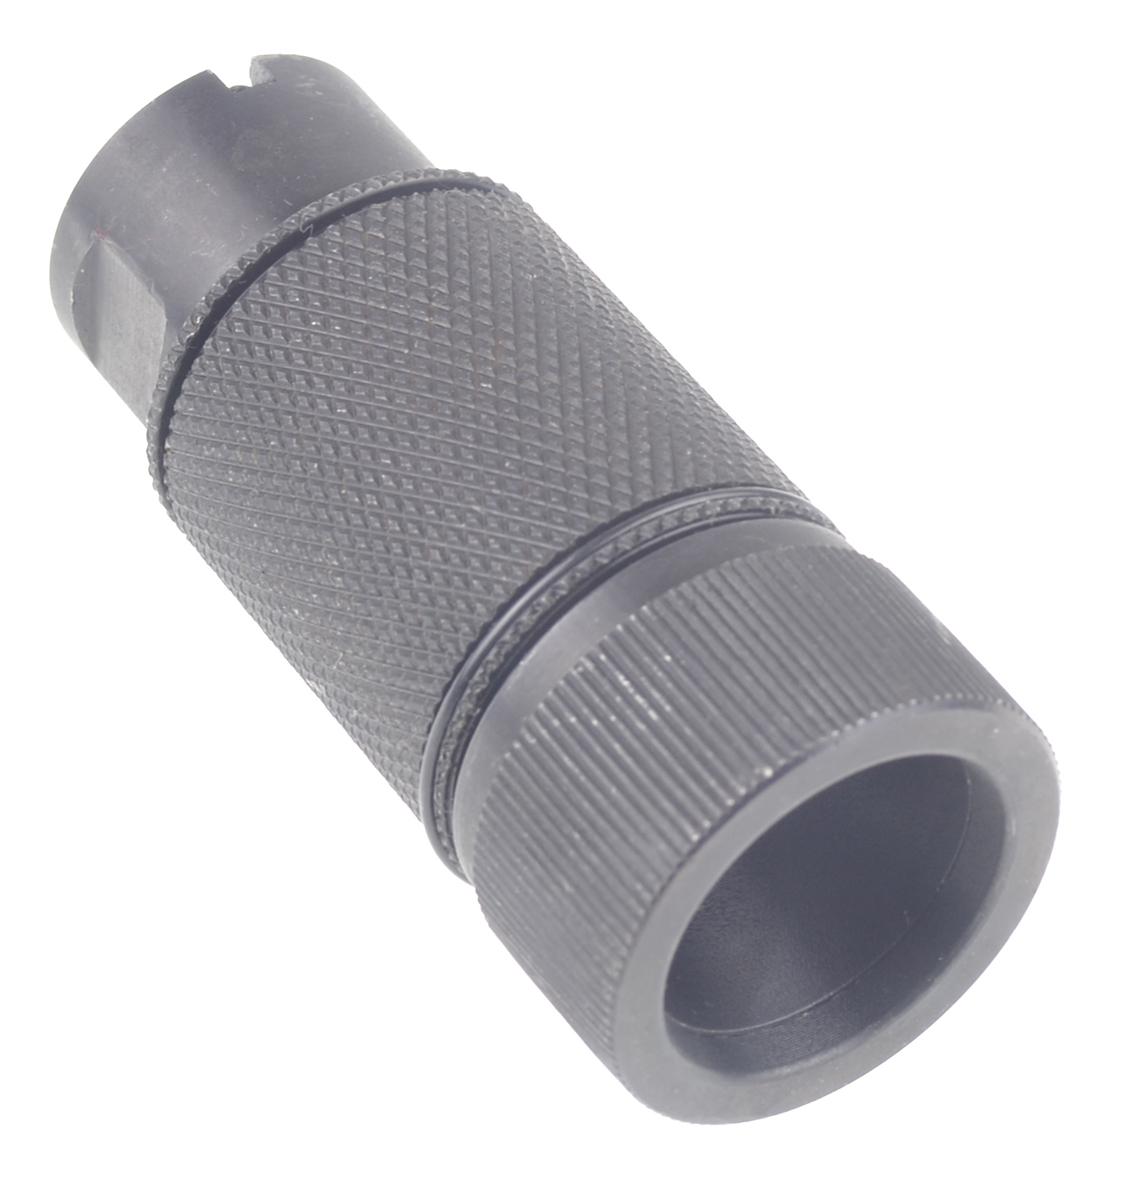 Omega Mfg AR-15 223 556 1/2x28 TPI Krinkov Style Muzzle Brake, Pressure  Reducer V2